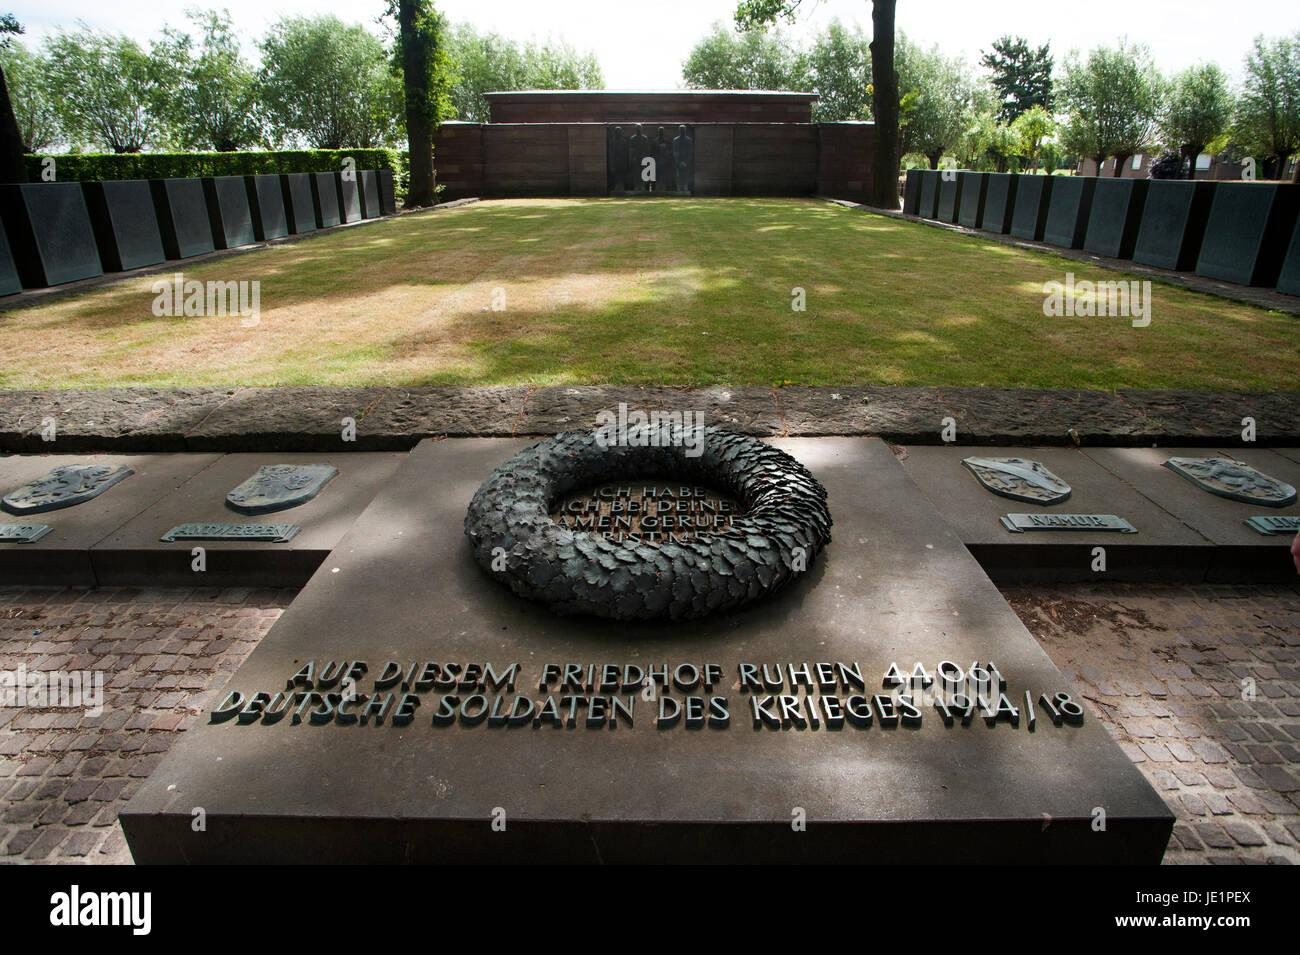 La 'Duetscher Soldatenfriedhof' (Alemán) en el cementerio del soldado Langemark es especialmente emotivo debido Foto de stock